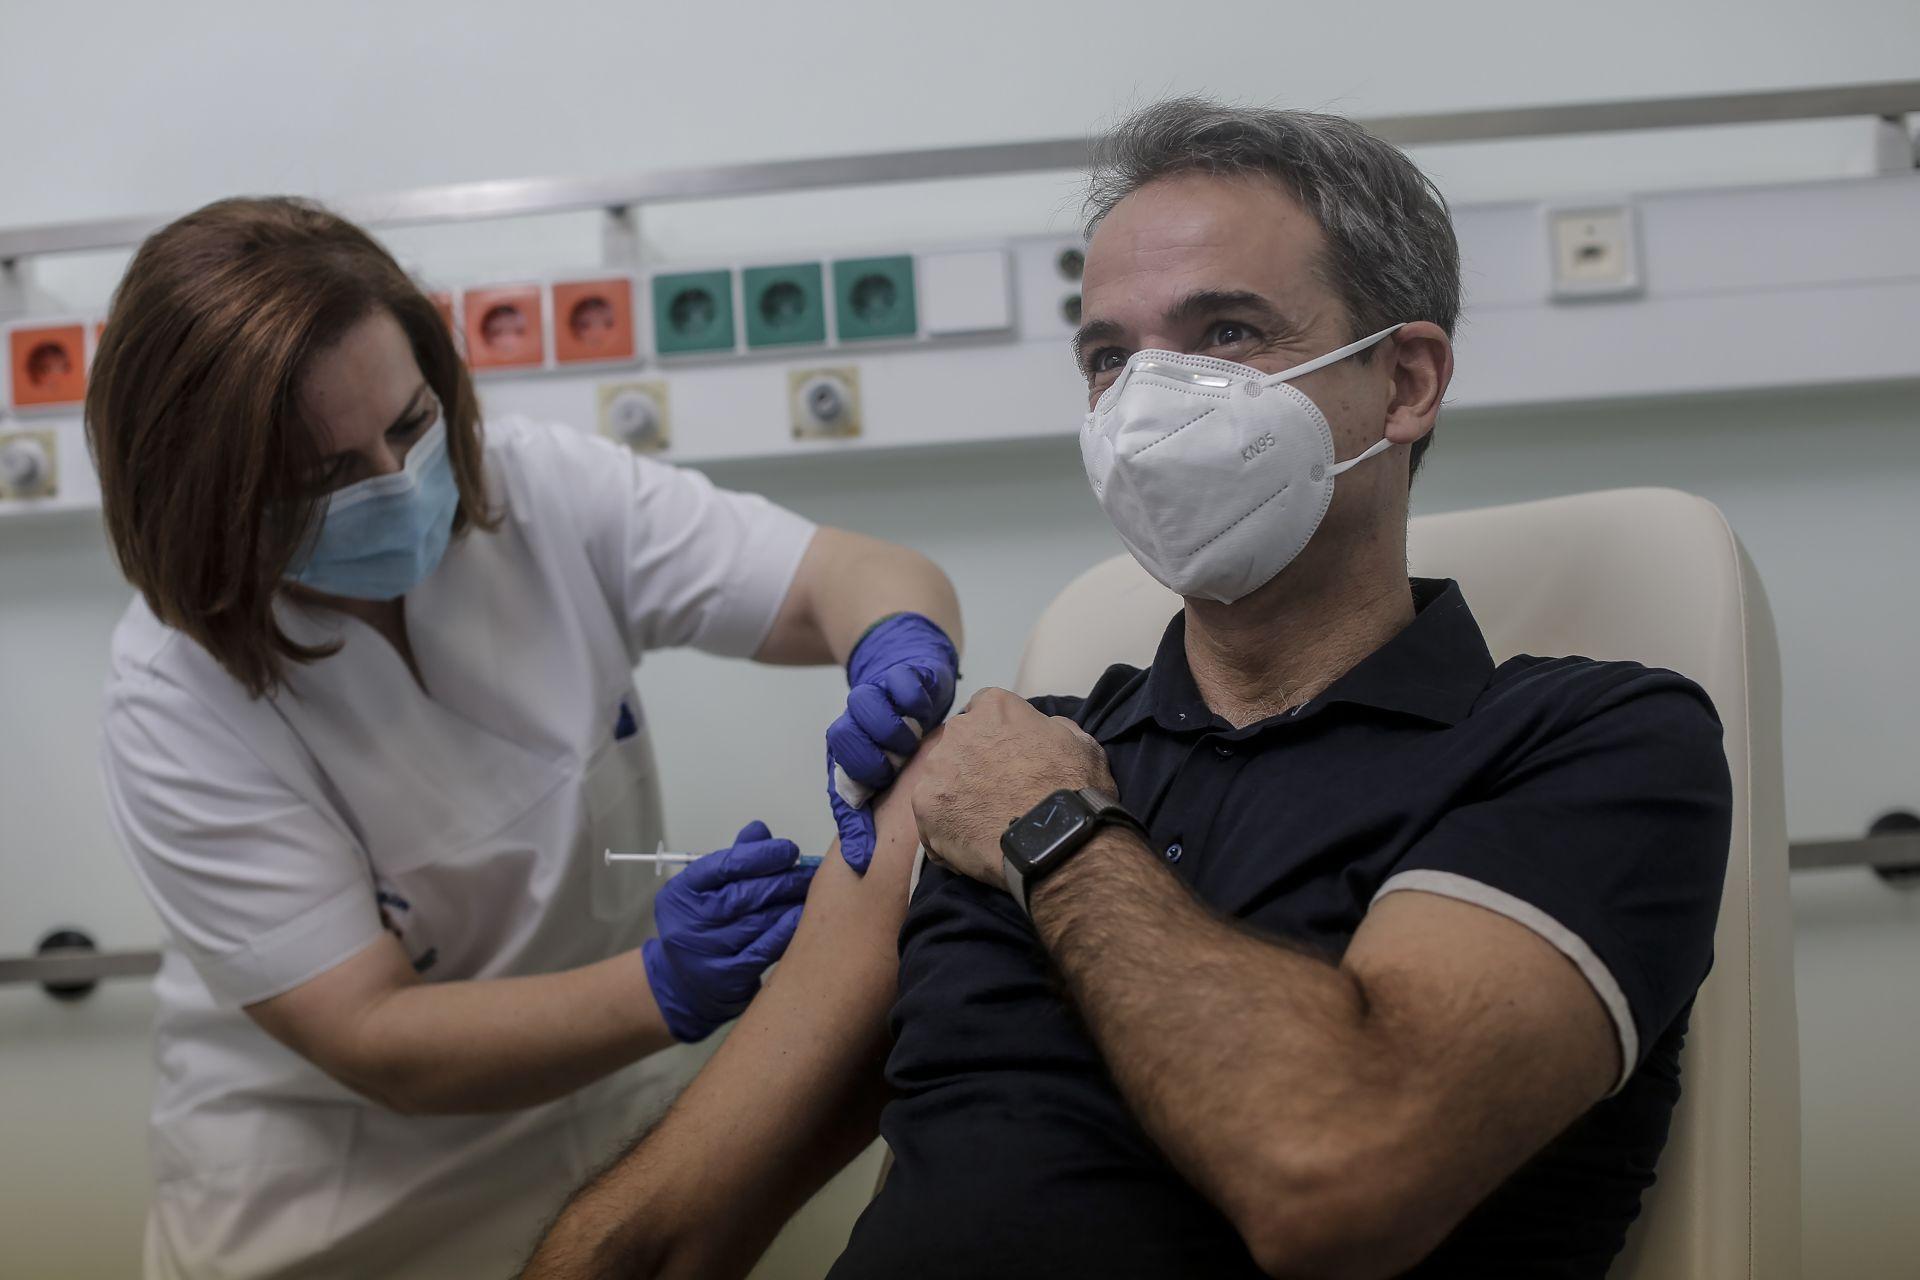 Гръцкият премиер Кириакос Мицотакис получава инжекция с доза ваксина COVID-19 в университетската болница в Атина